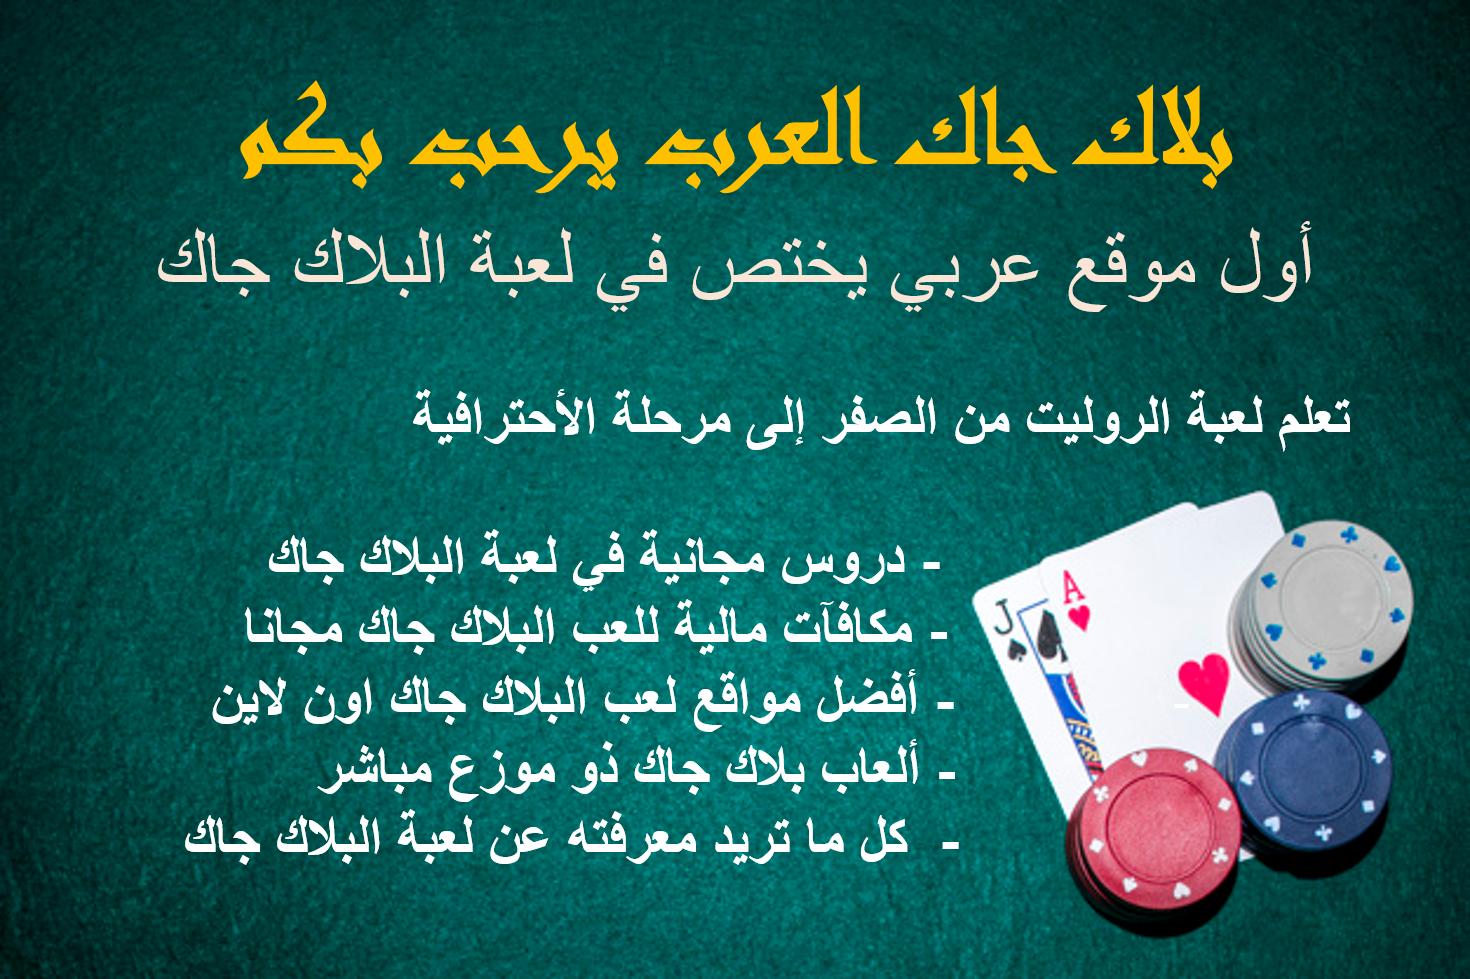 مكافآت وعروض وليام - 38998